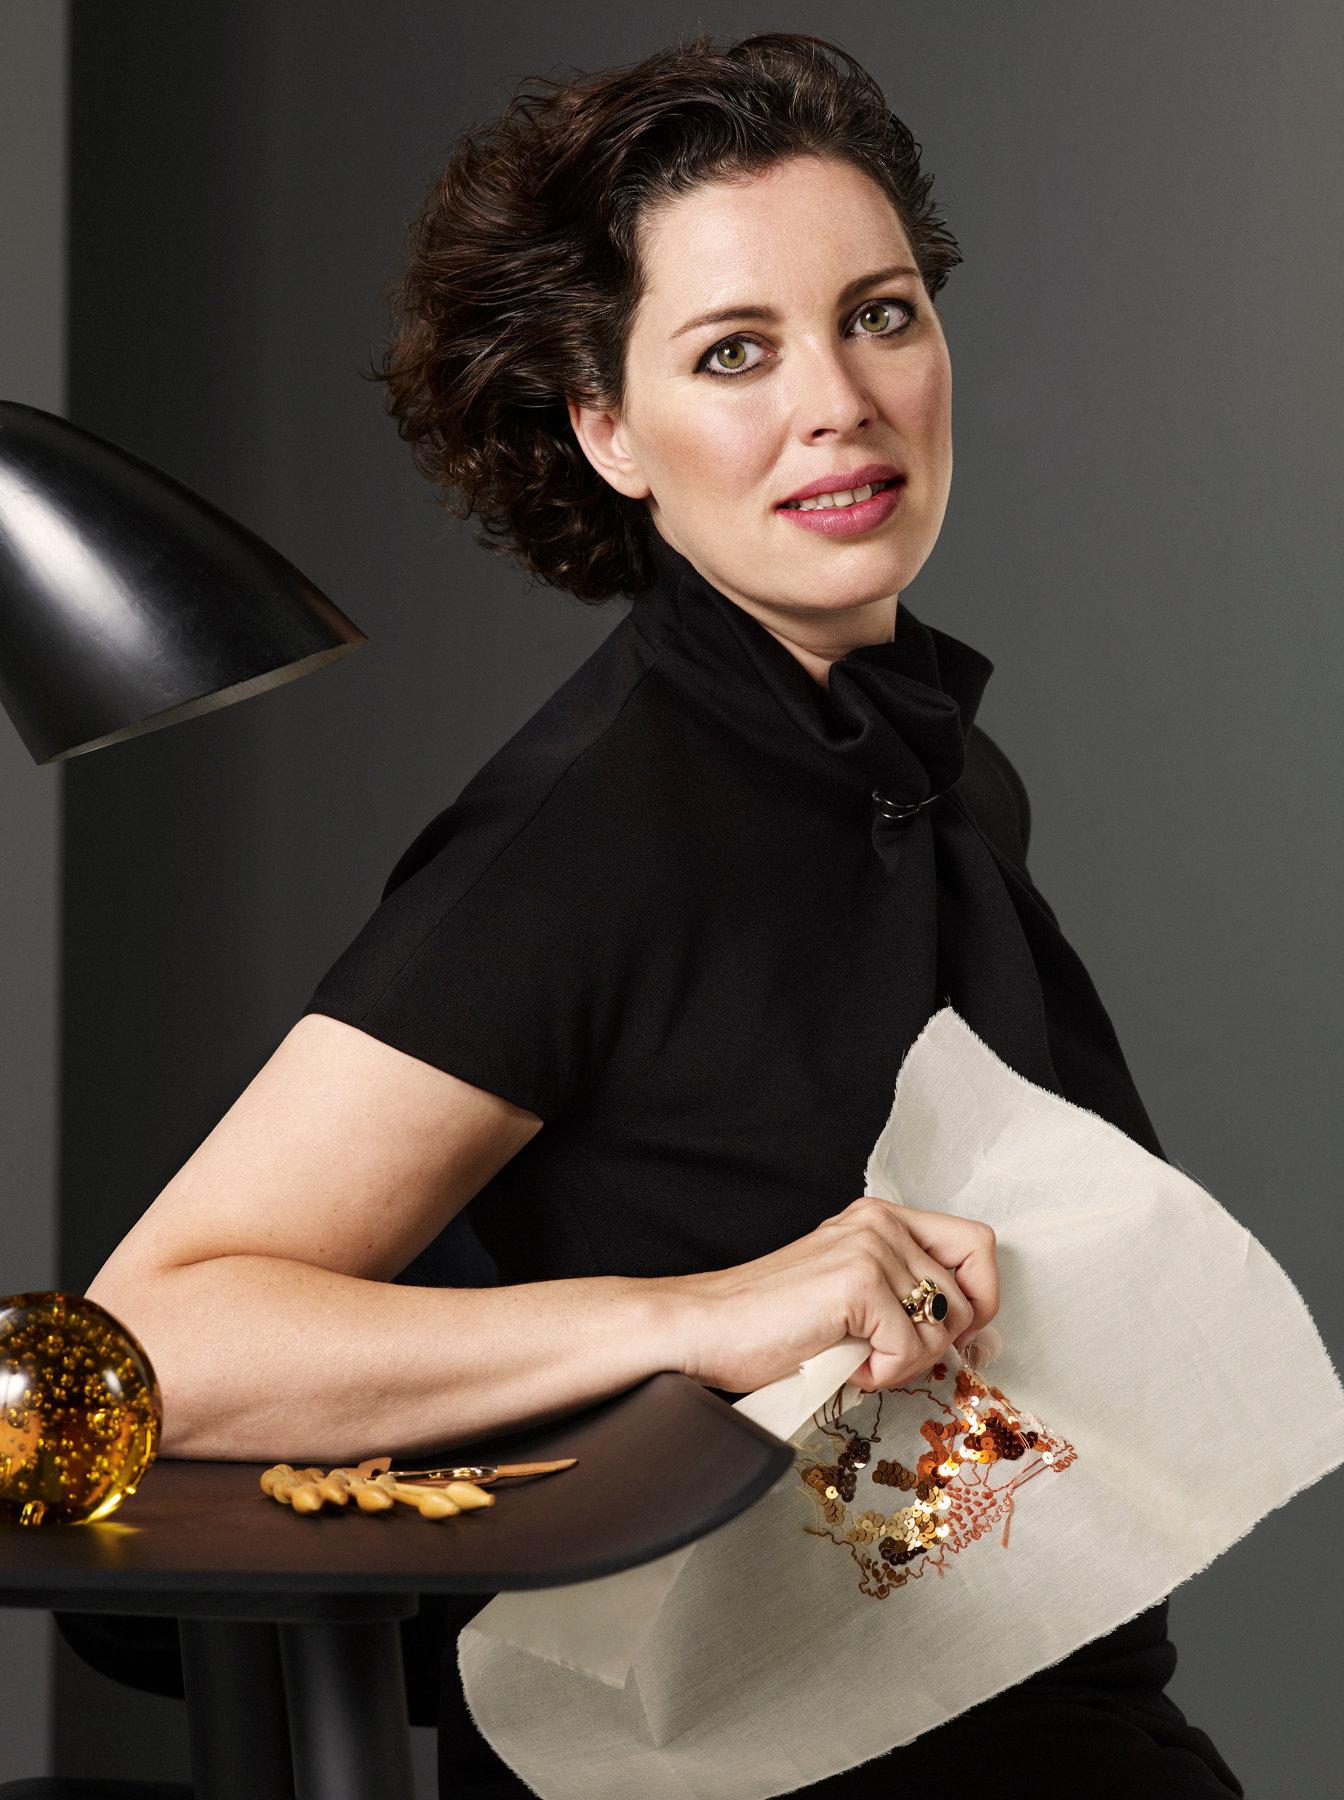 Martine van t Hul for Harpers Bazaar NL